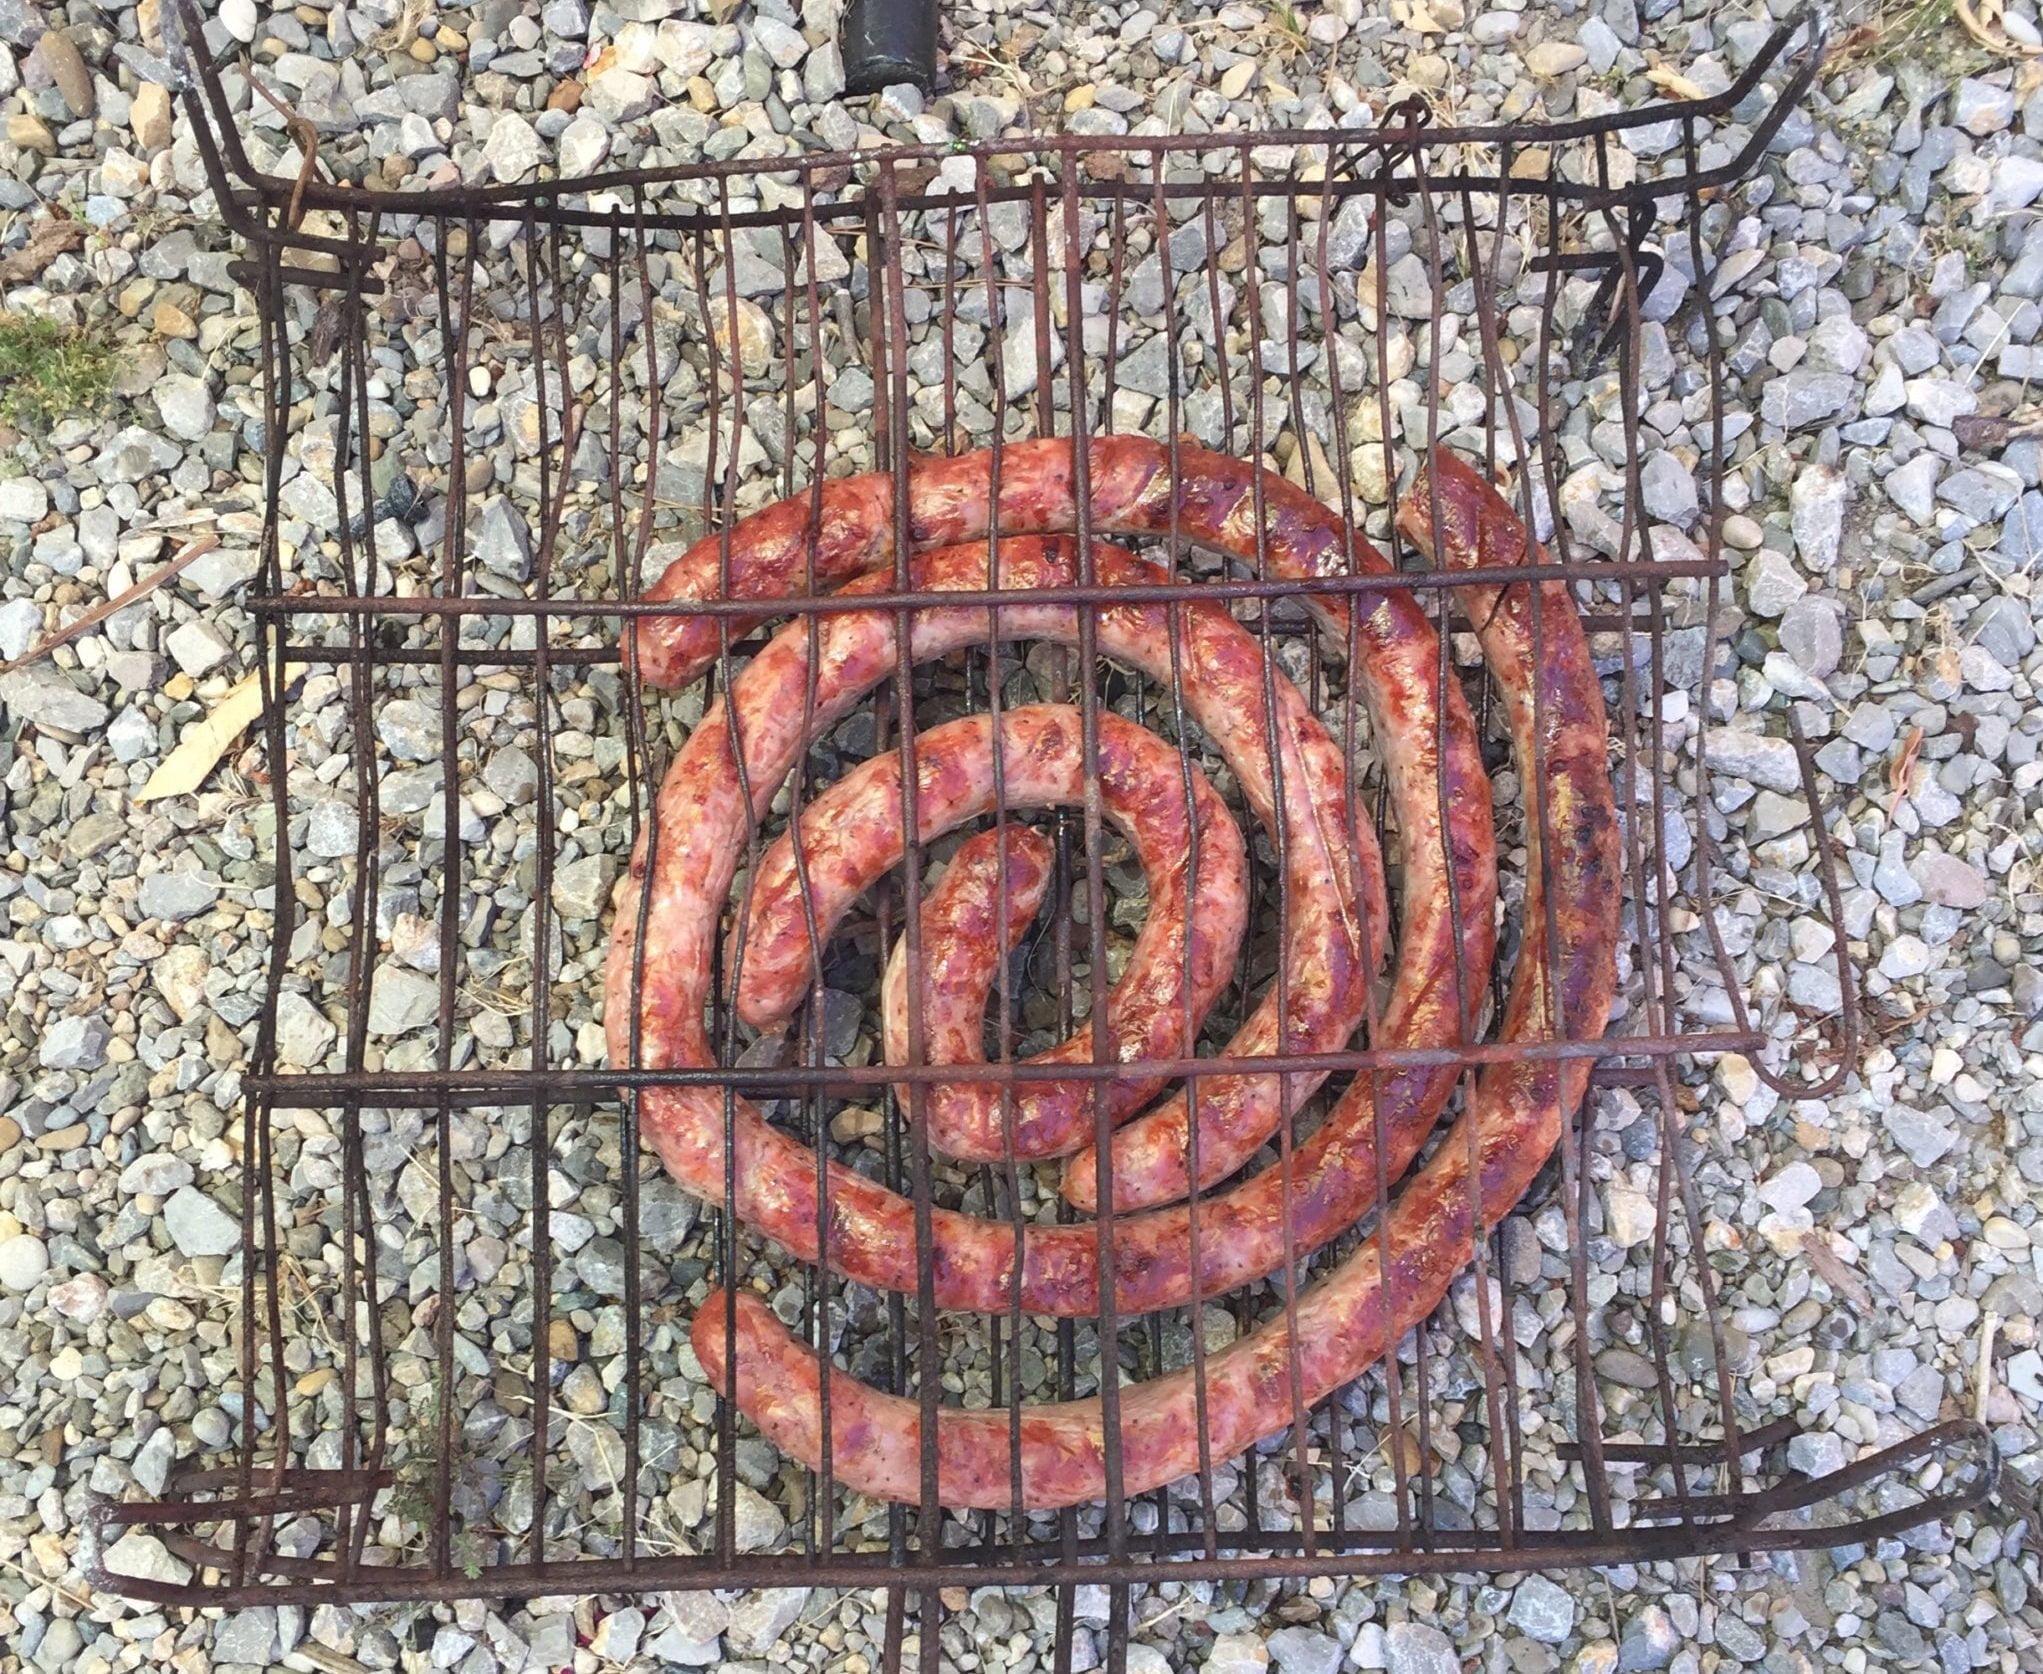 Escargot de saucisse grillée